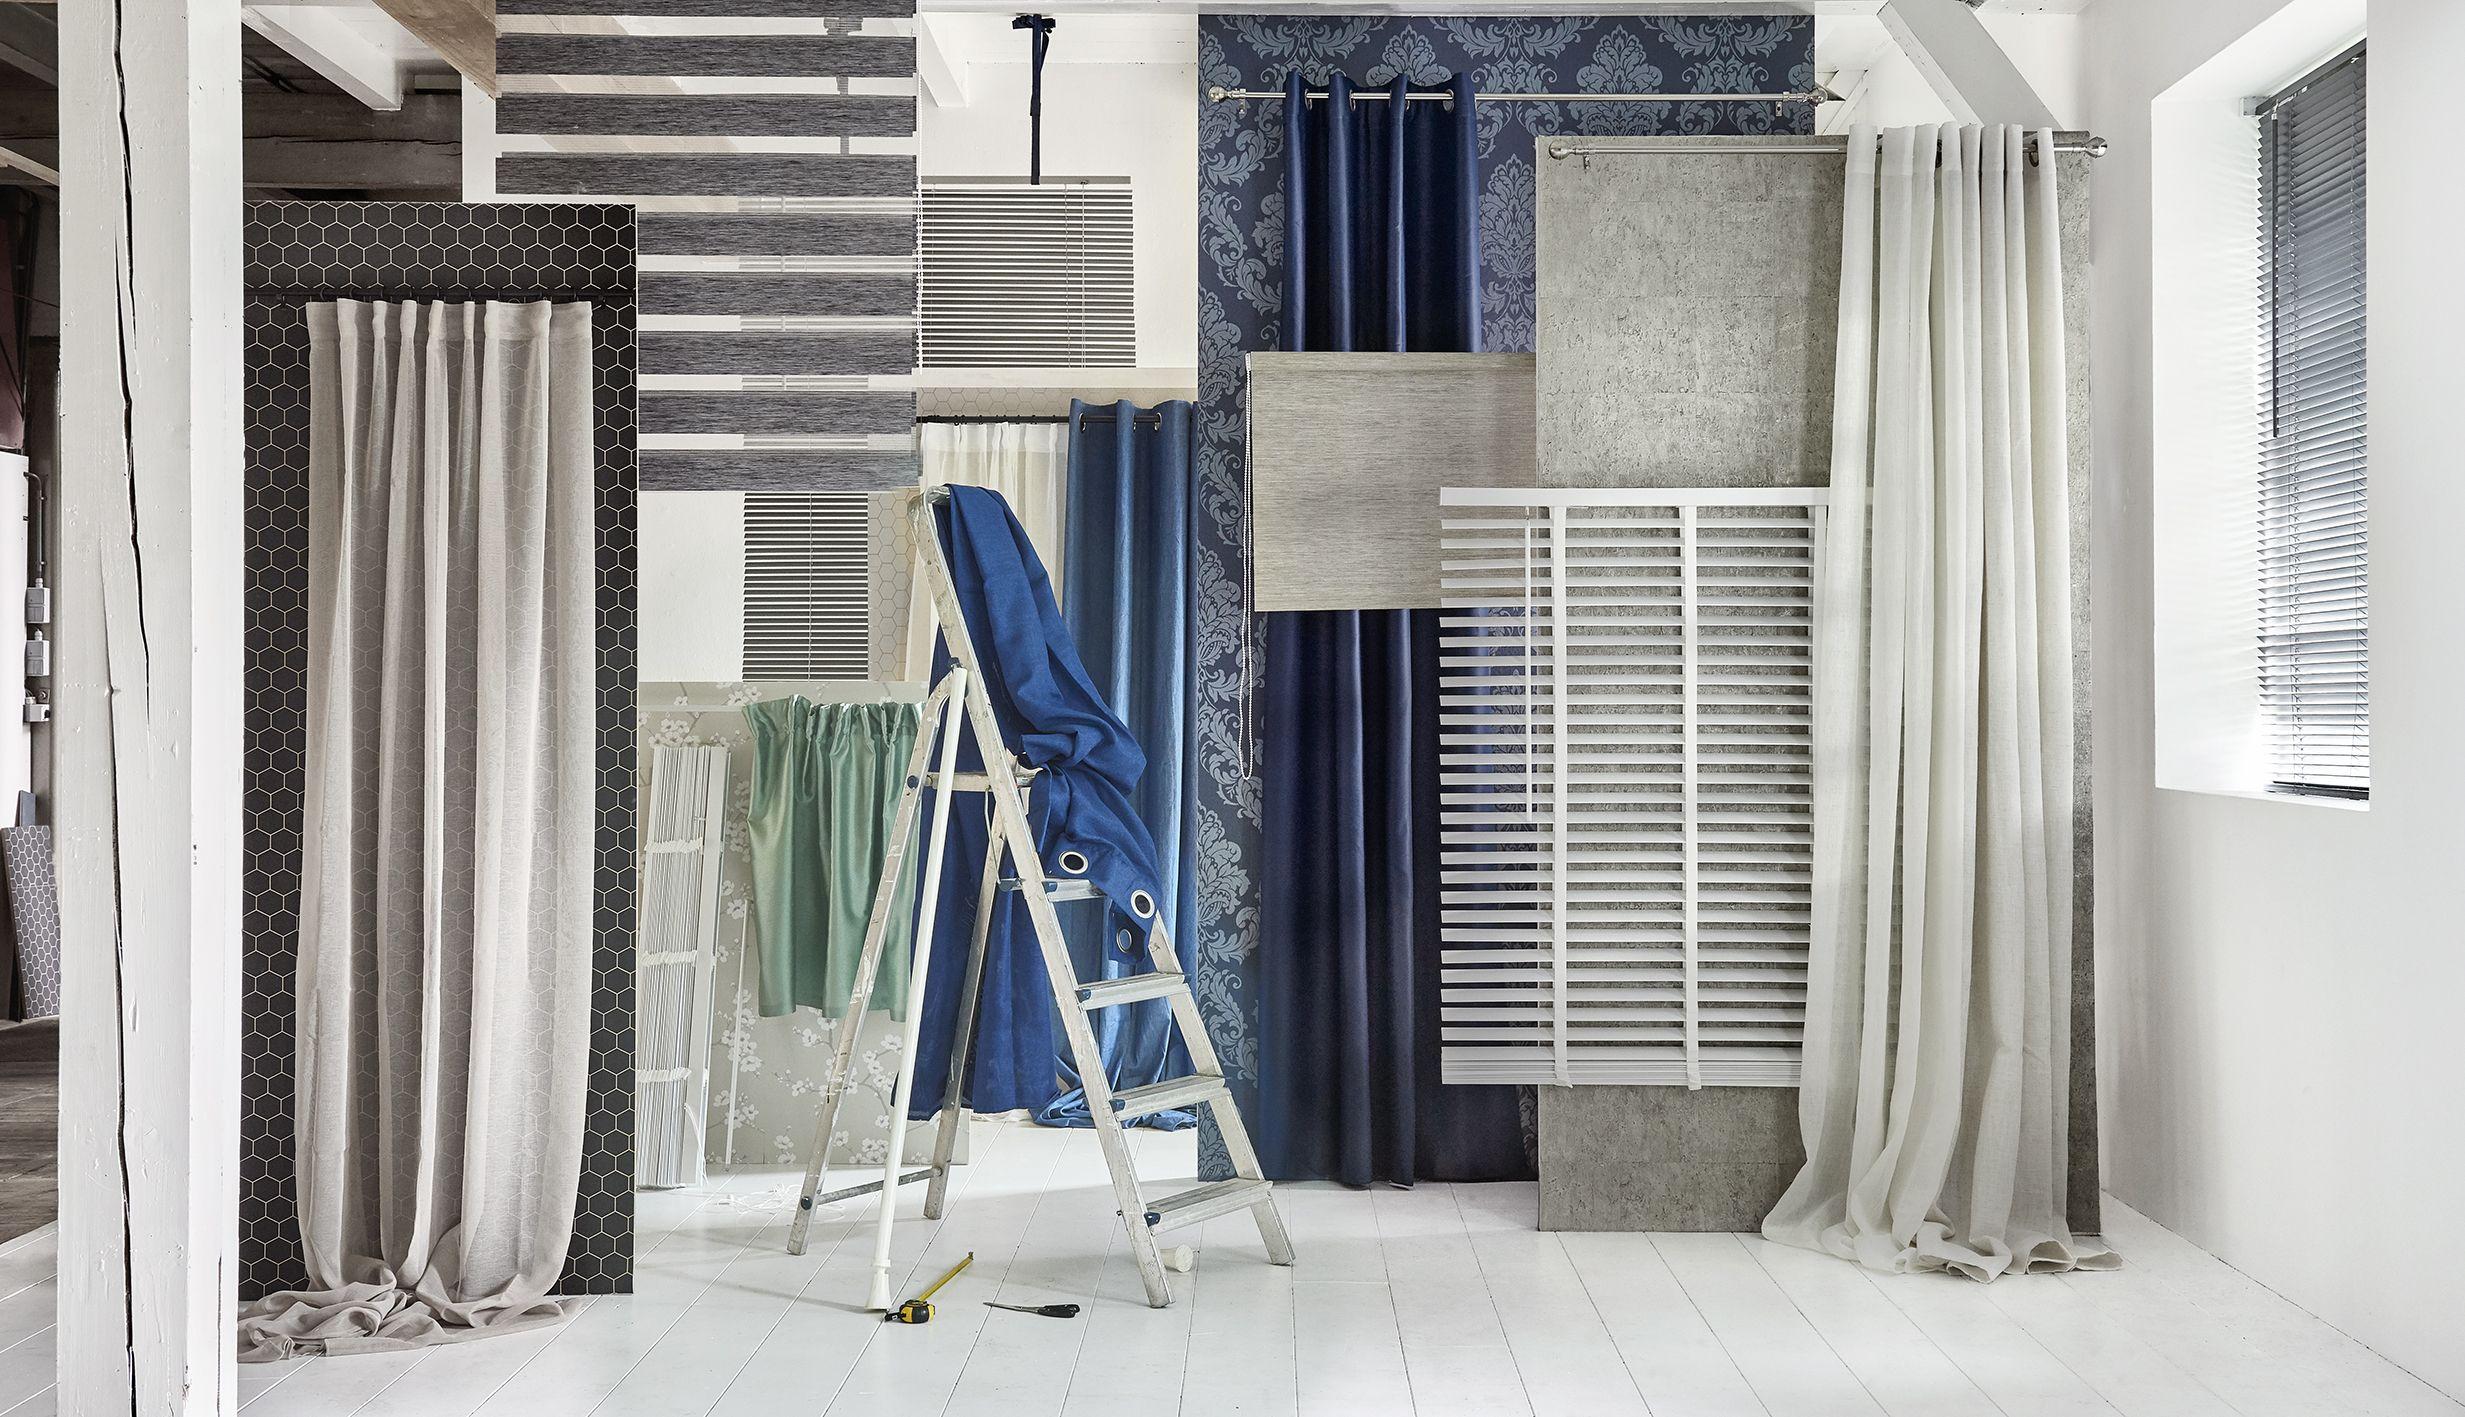 Praxis | Veel keuze in raamdecoratie! | Raamdecoratie inspiratie ...